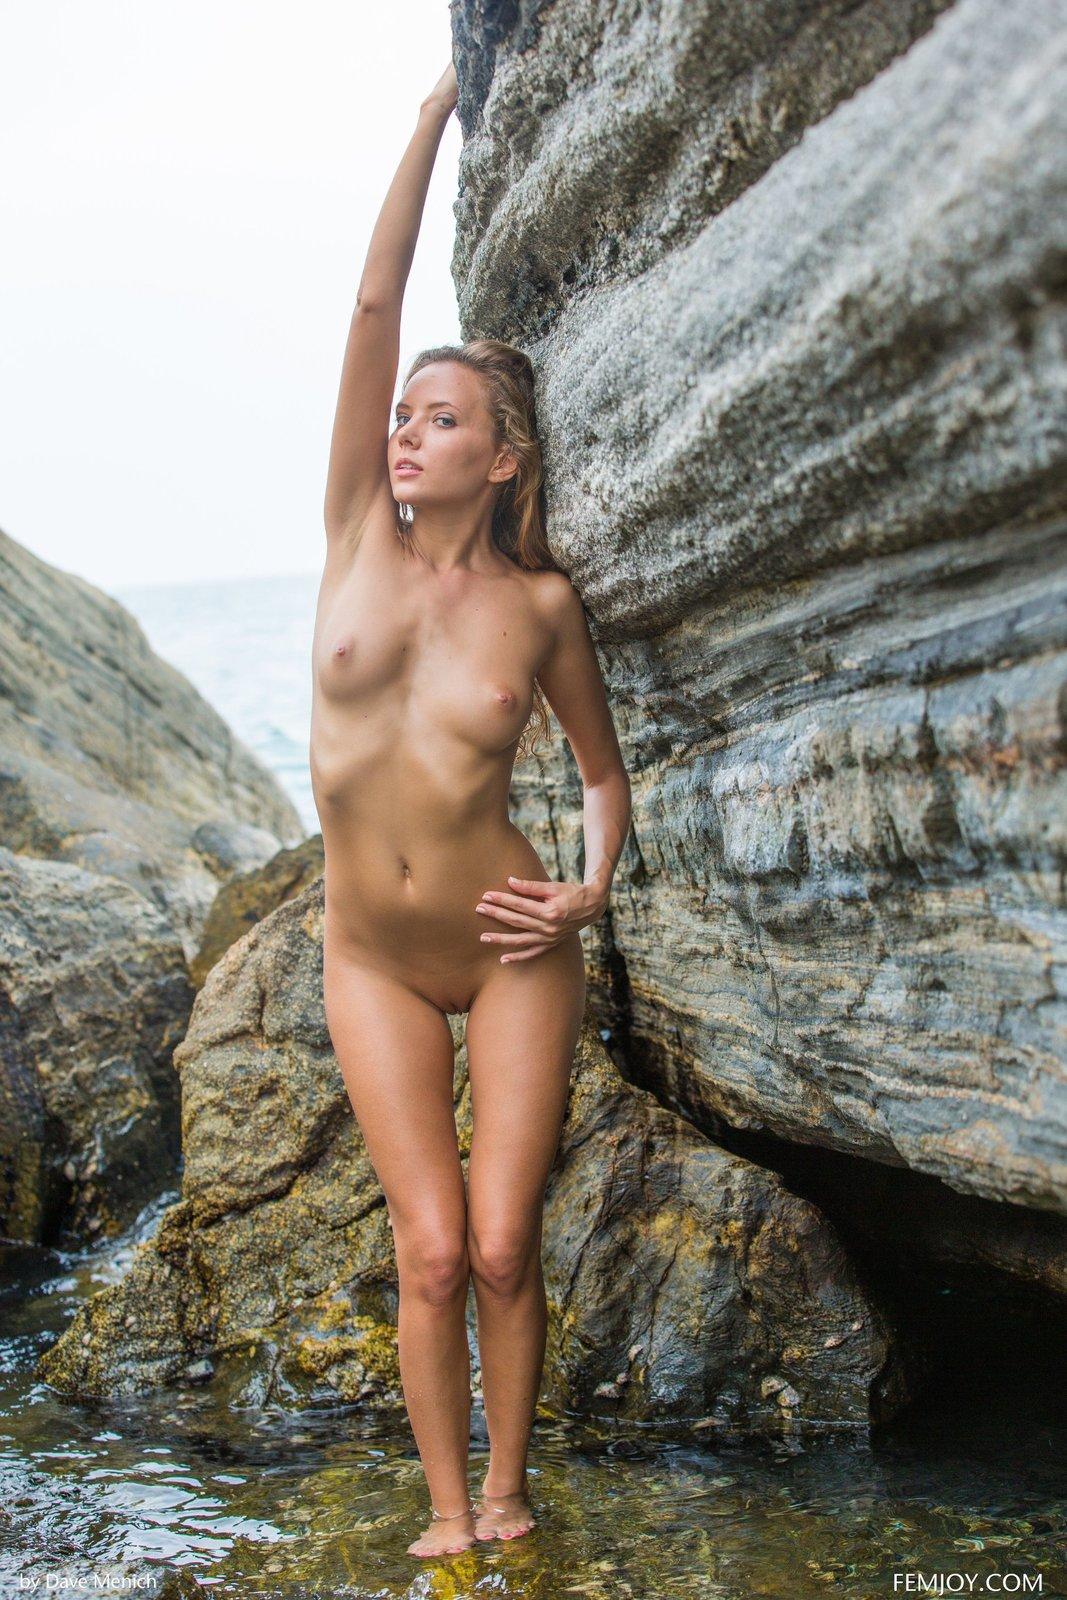 Zdjęcie porno - 0415 - Mokra modelka